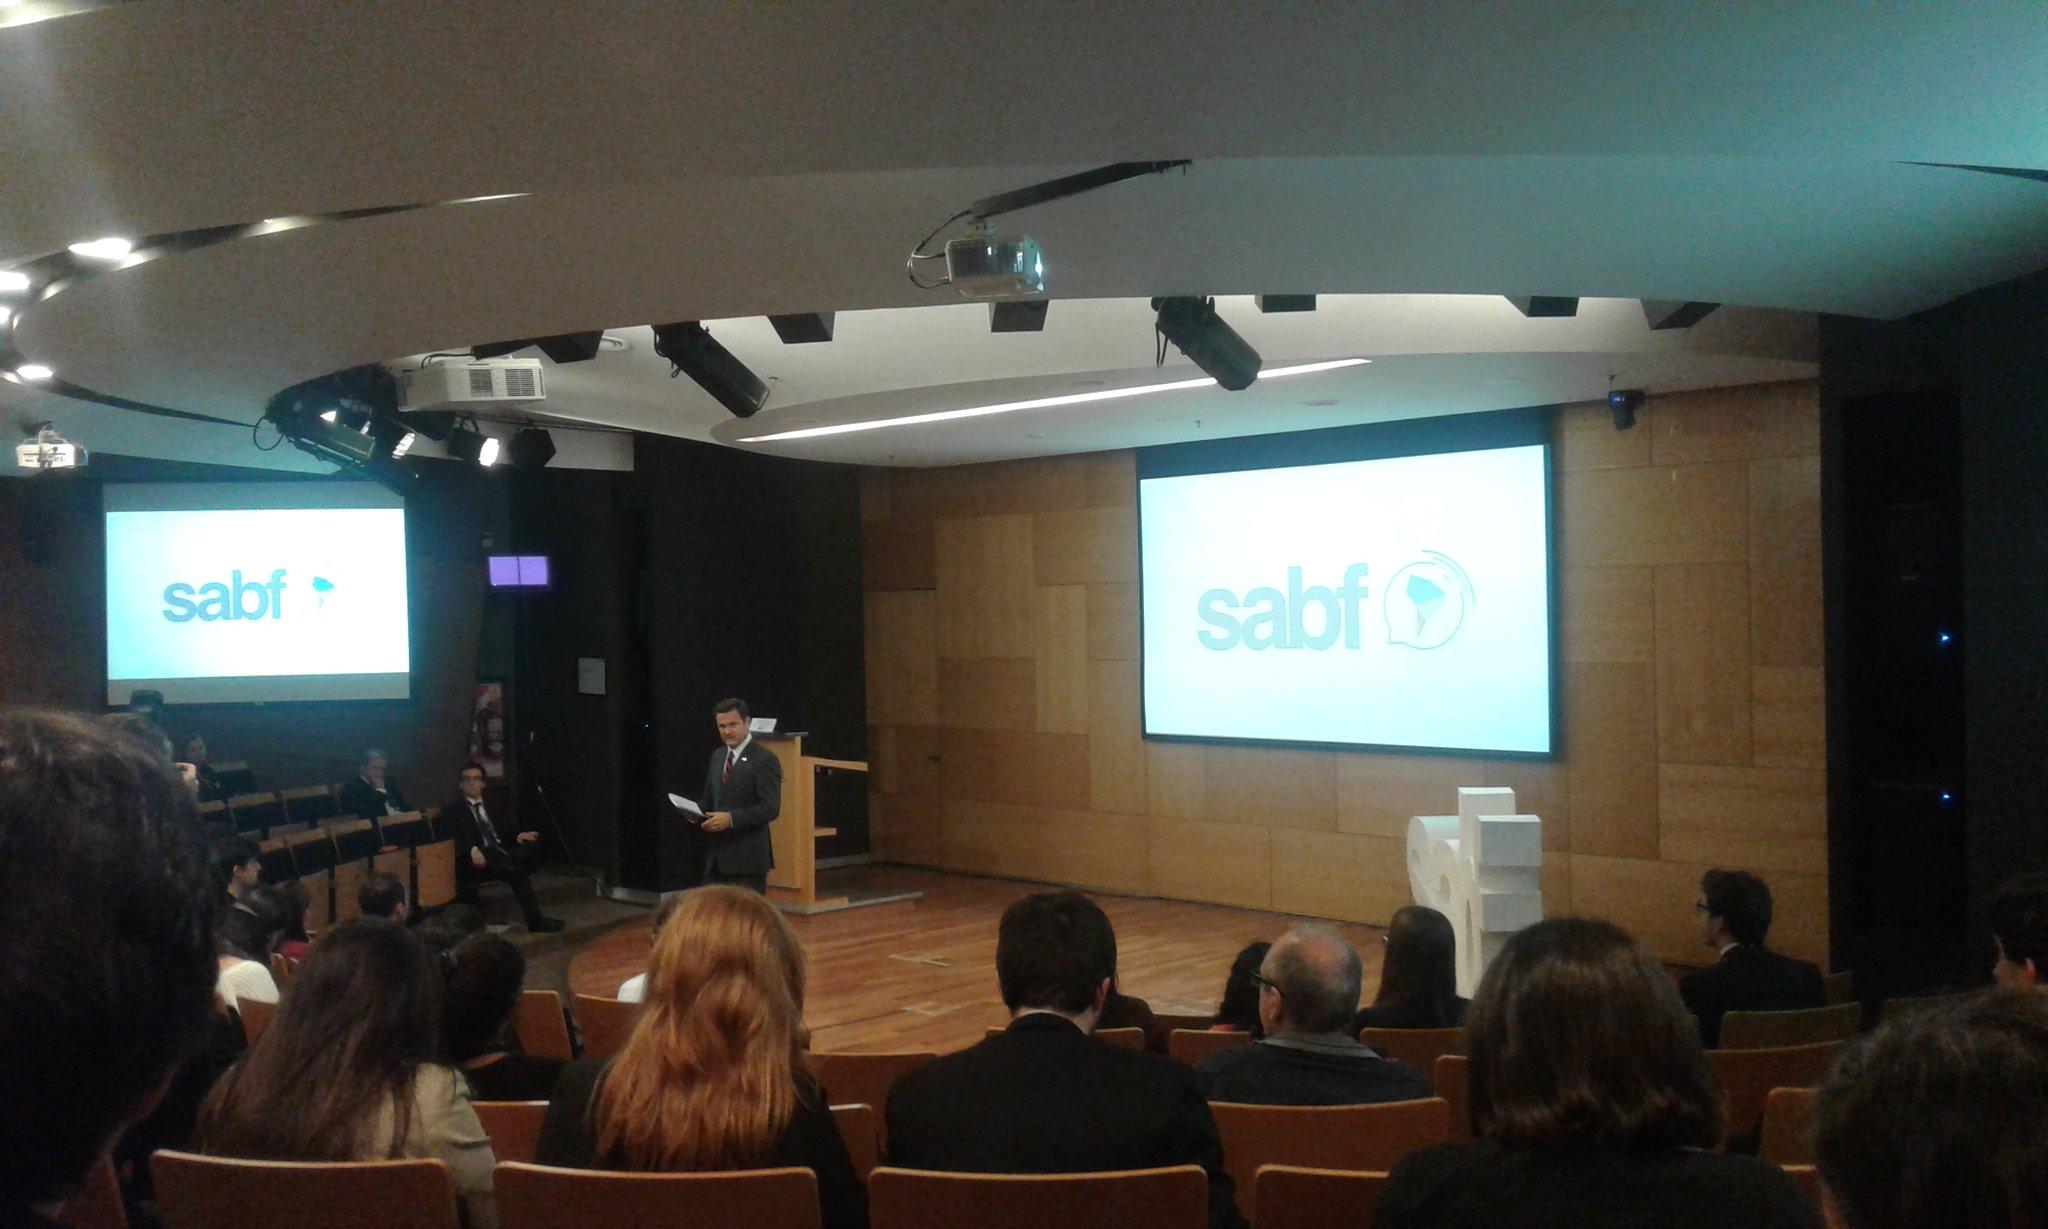 Terminando el día. Diego Luzuriaga hace una conclusión del primer día del #SABF2016. https://t.co/3NLLkf03Lu